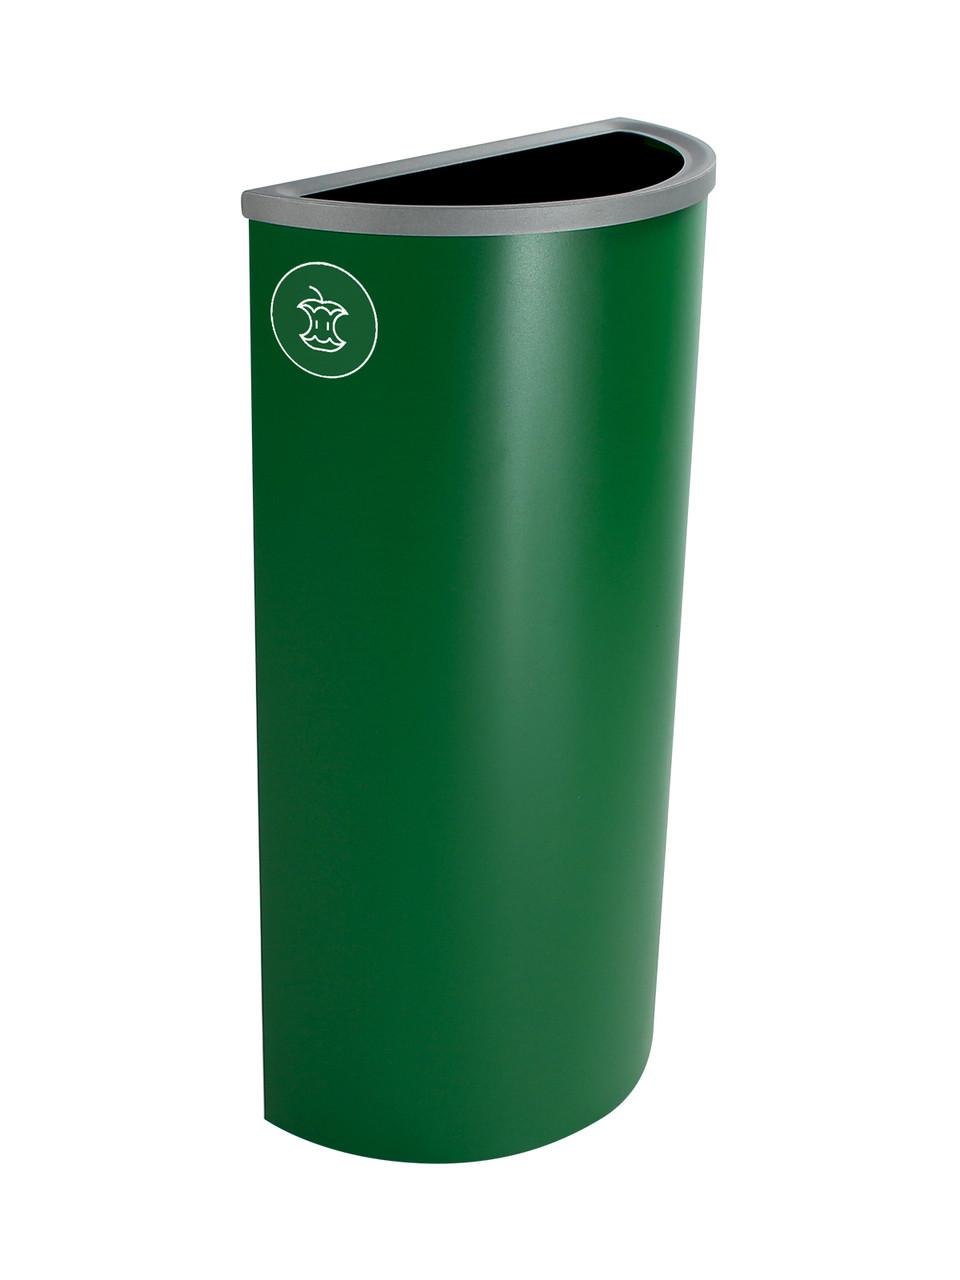 8 Gallon Steel Spectrum Half Round Compost Bin Dark Green 8107033-4